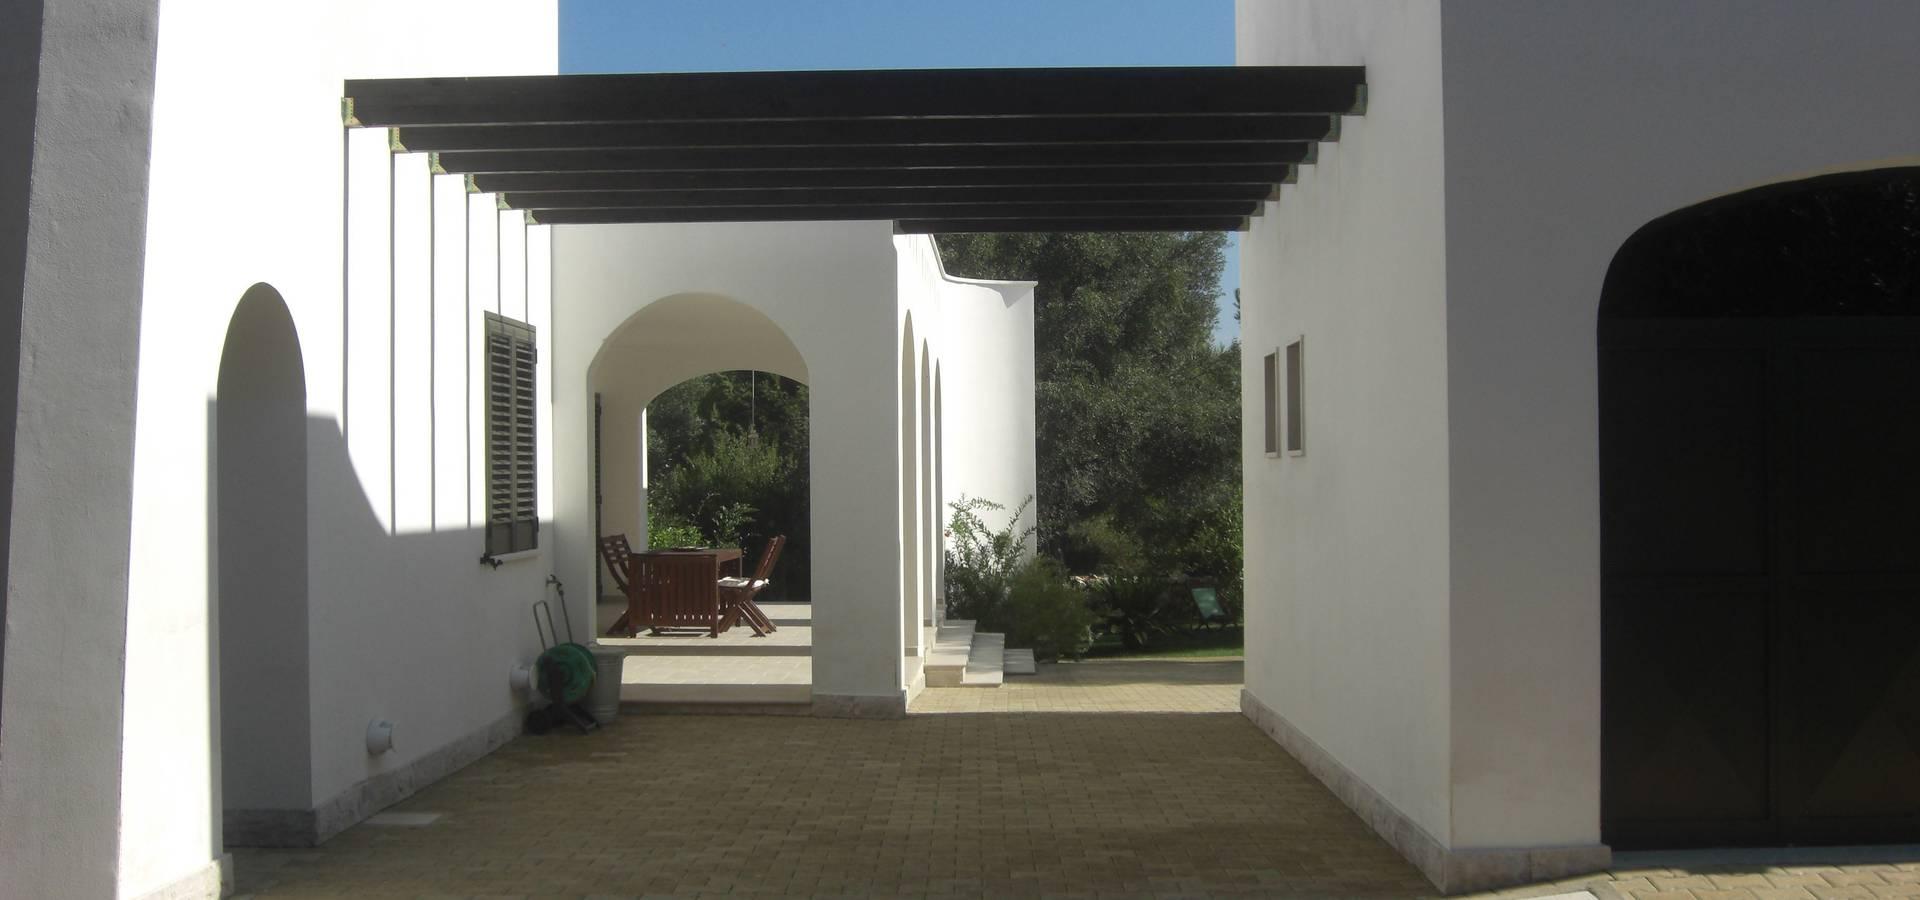 Studio De Biasi Architetto